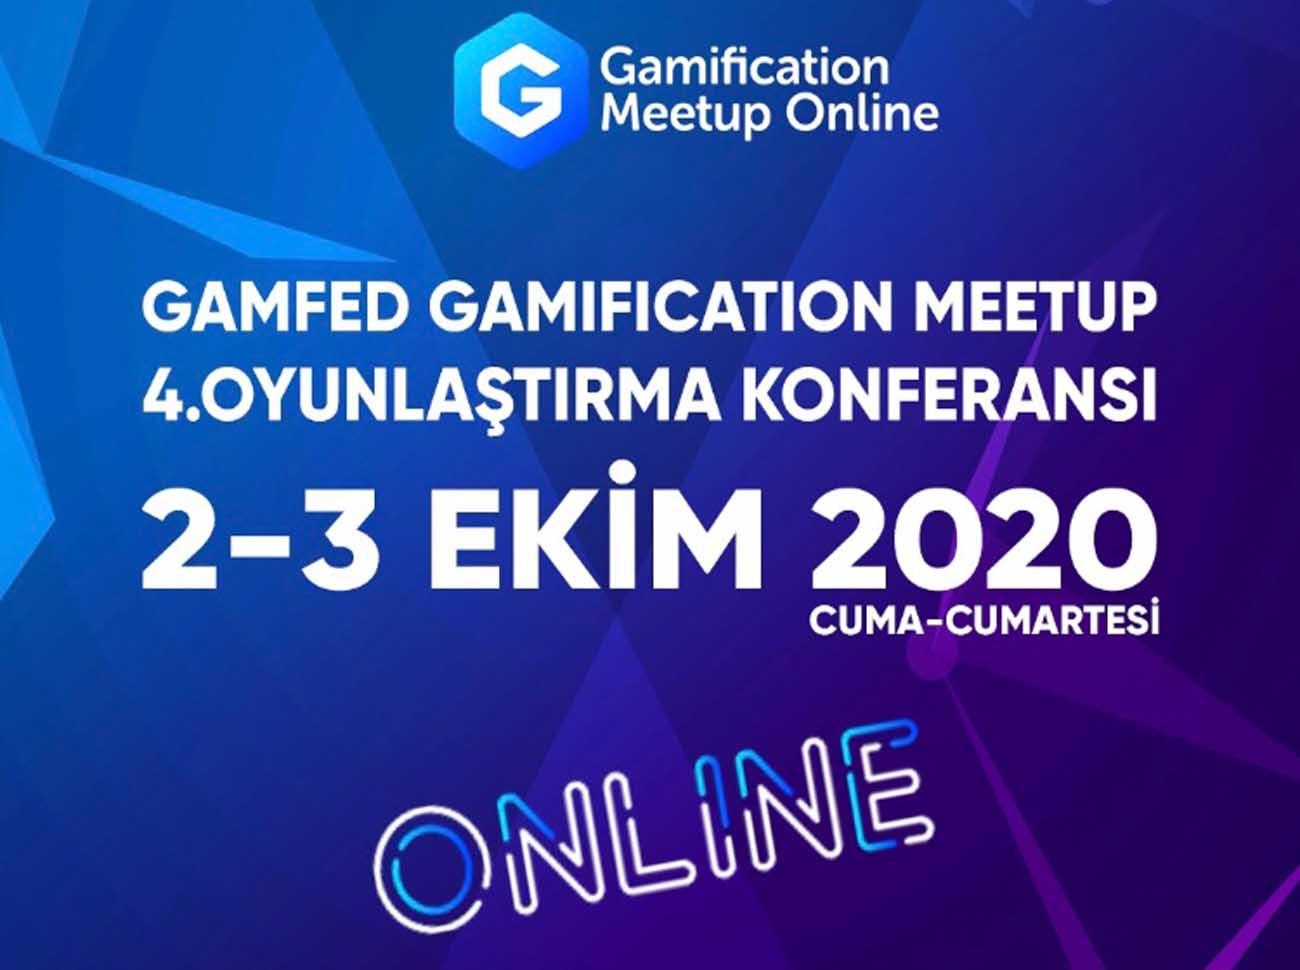 Gamification Meetup İçin Geri Sayım